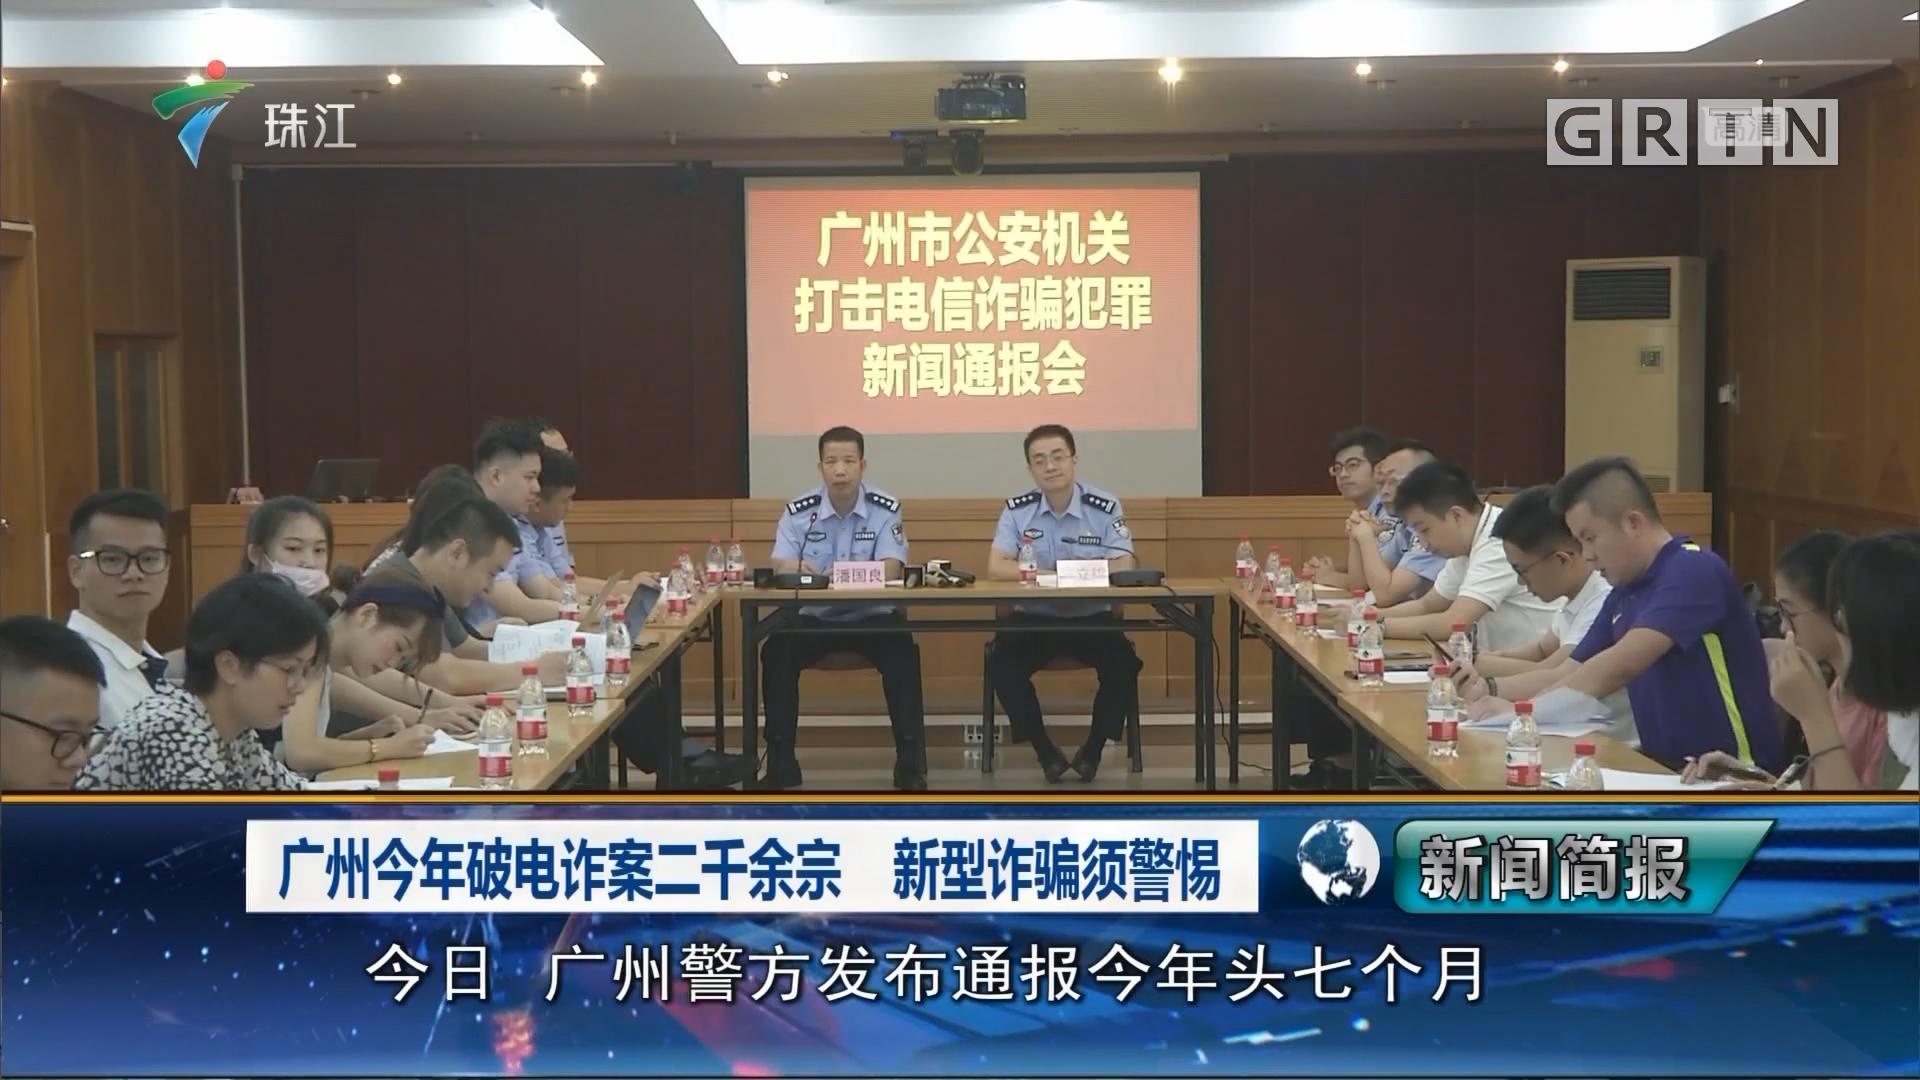 广州今年破电诈案二千余宗 新型诈骗须警惕